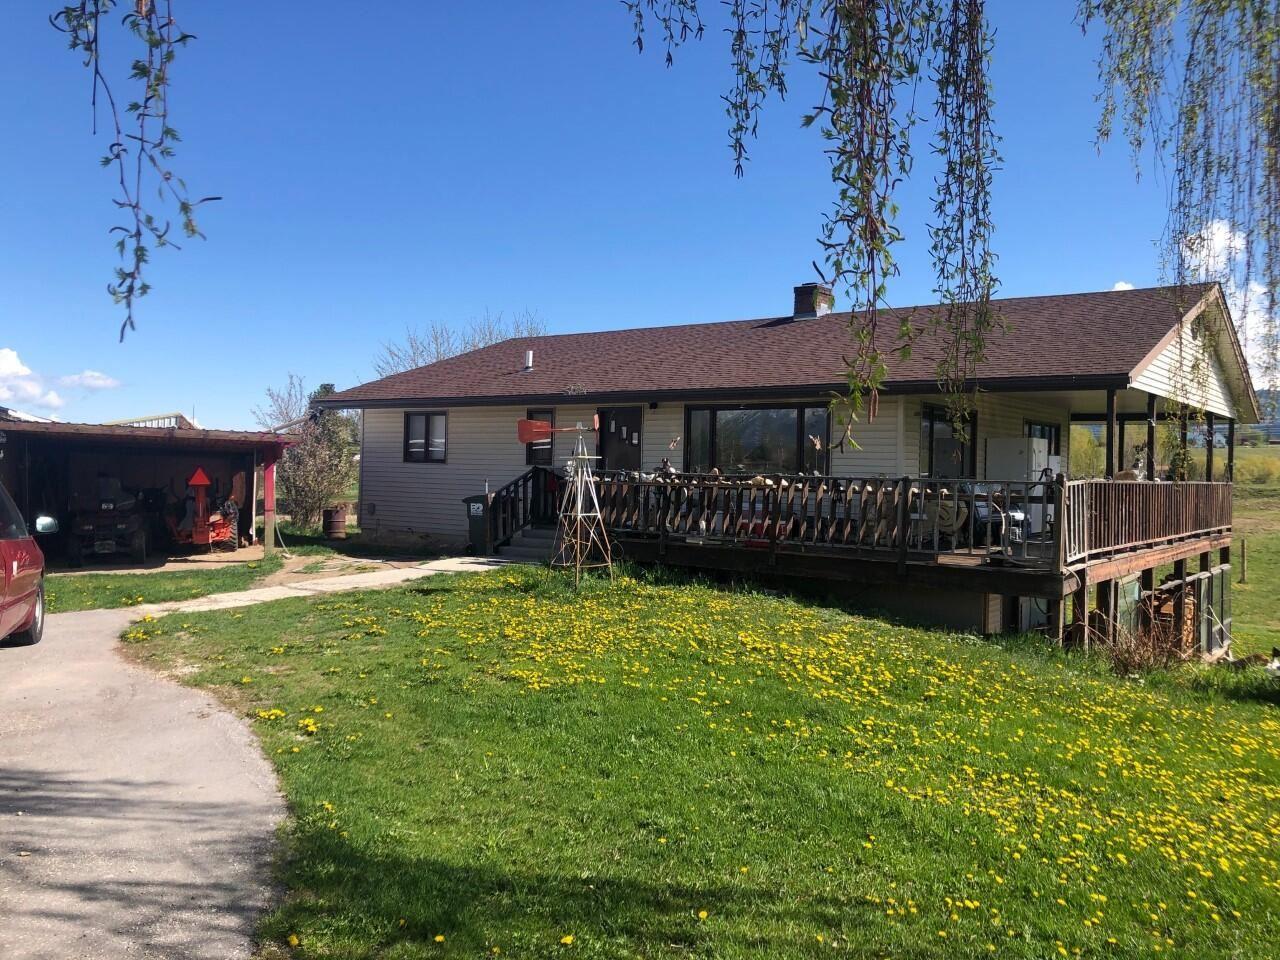 Photo for 402 Wilcox Lane, Corvallis, MT 59828 (MLS # 22108729)